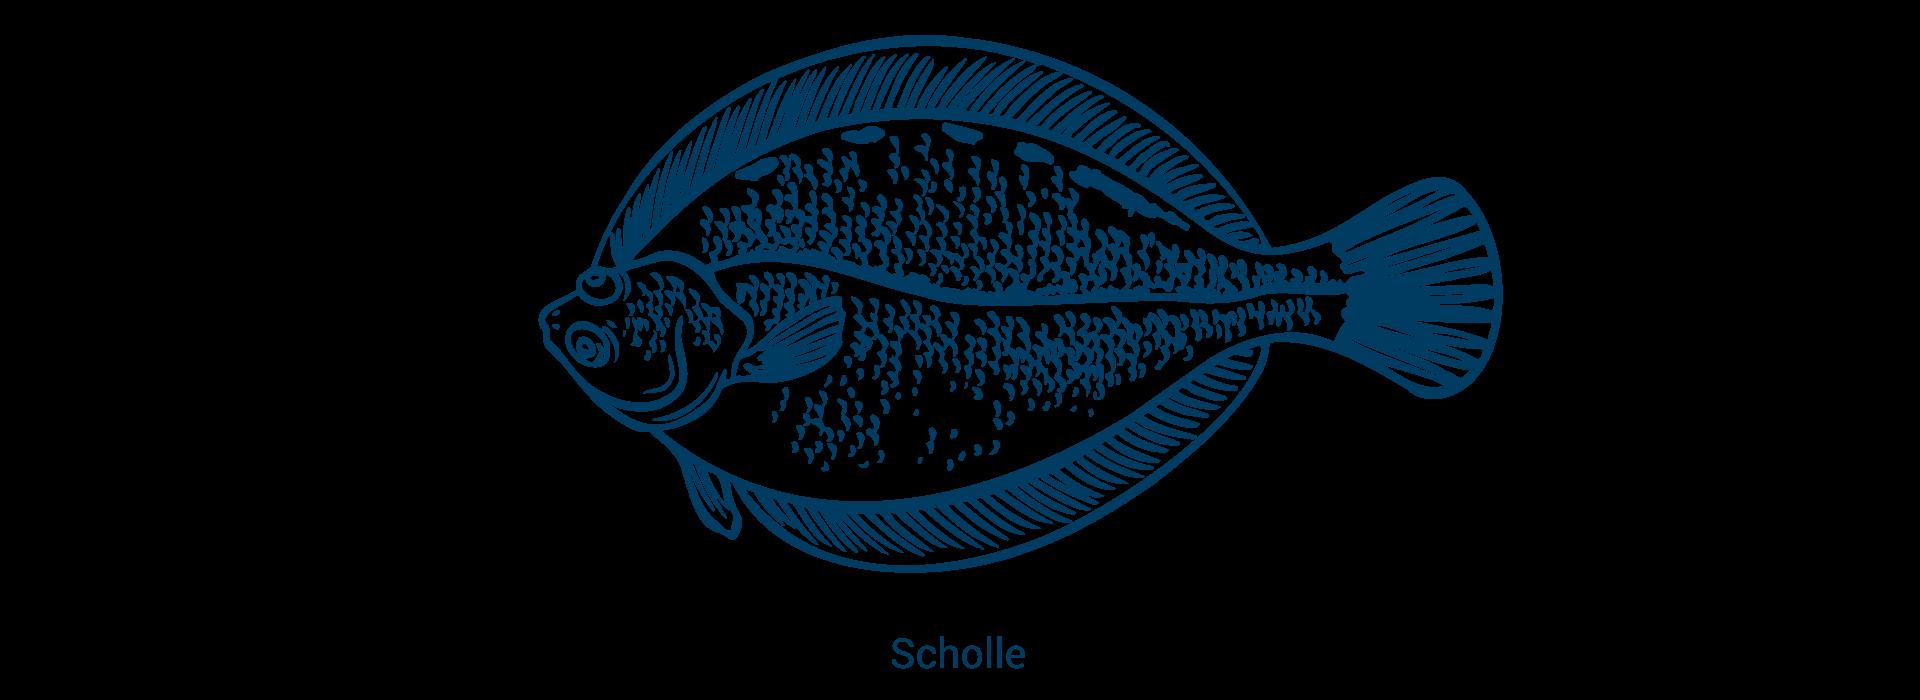 slider_scholle